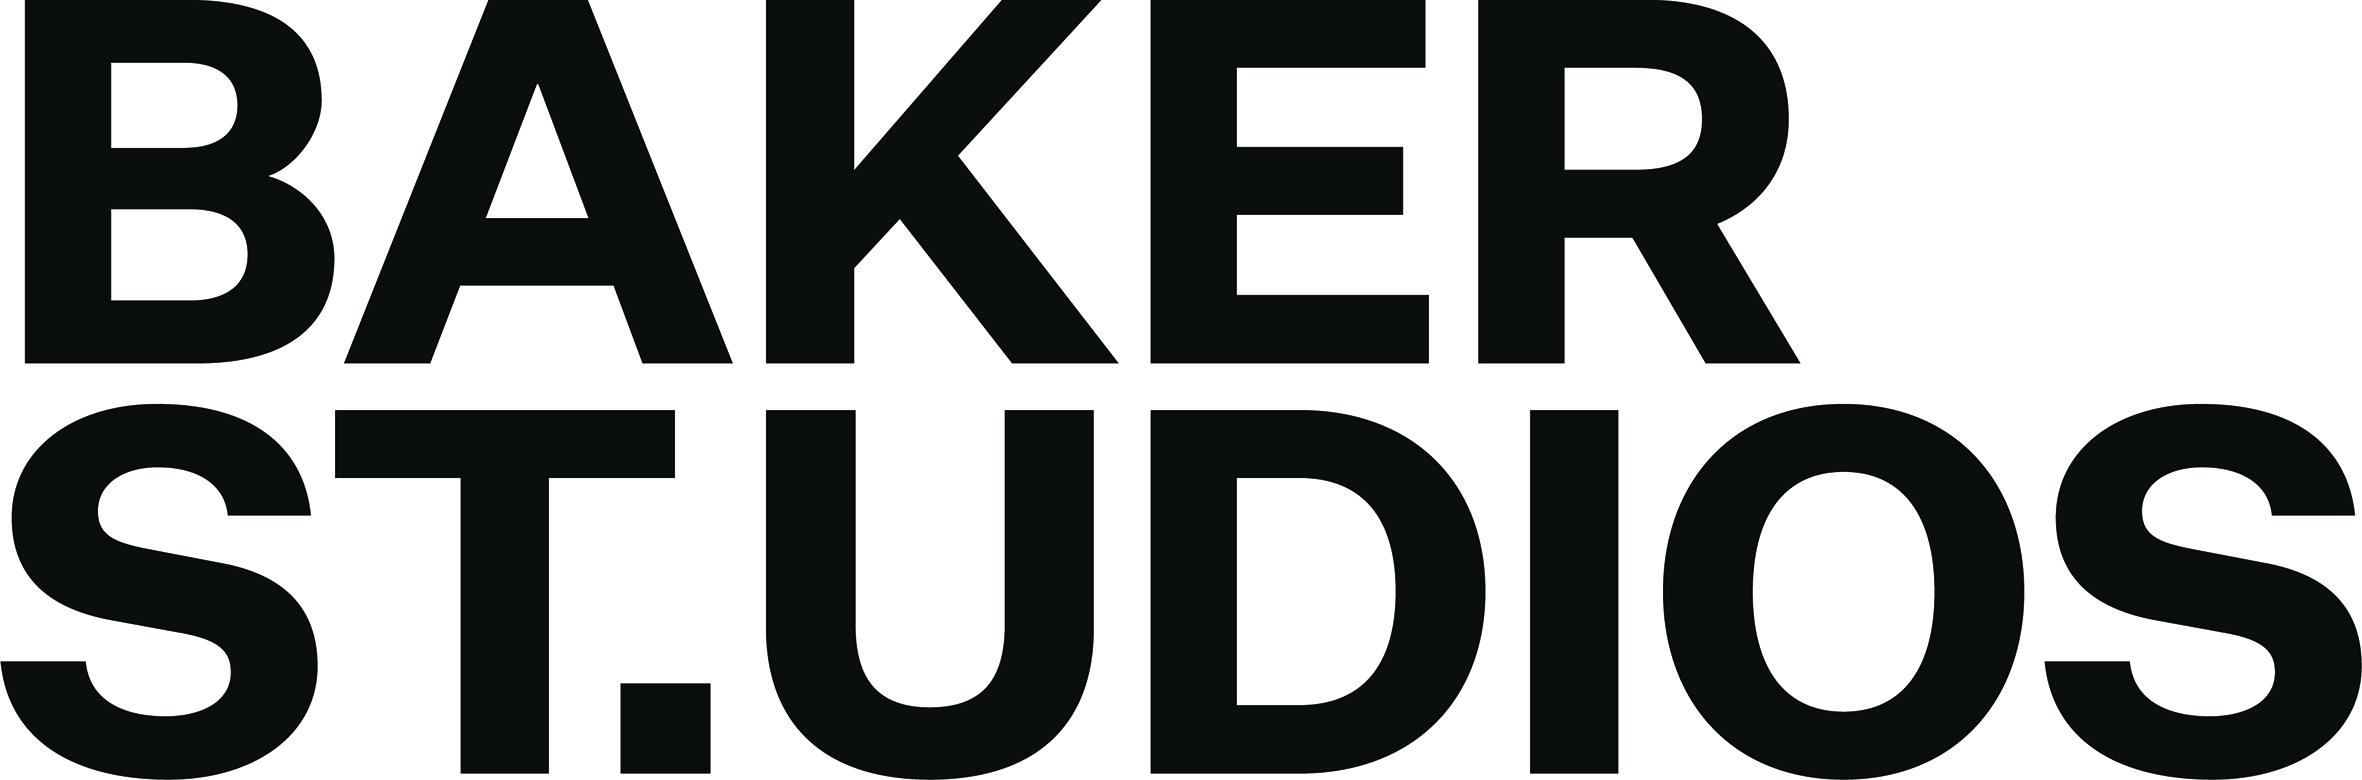 BAKER STREET STUDIOS